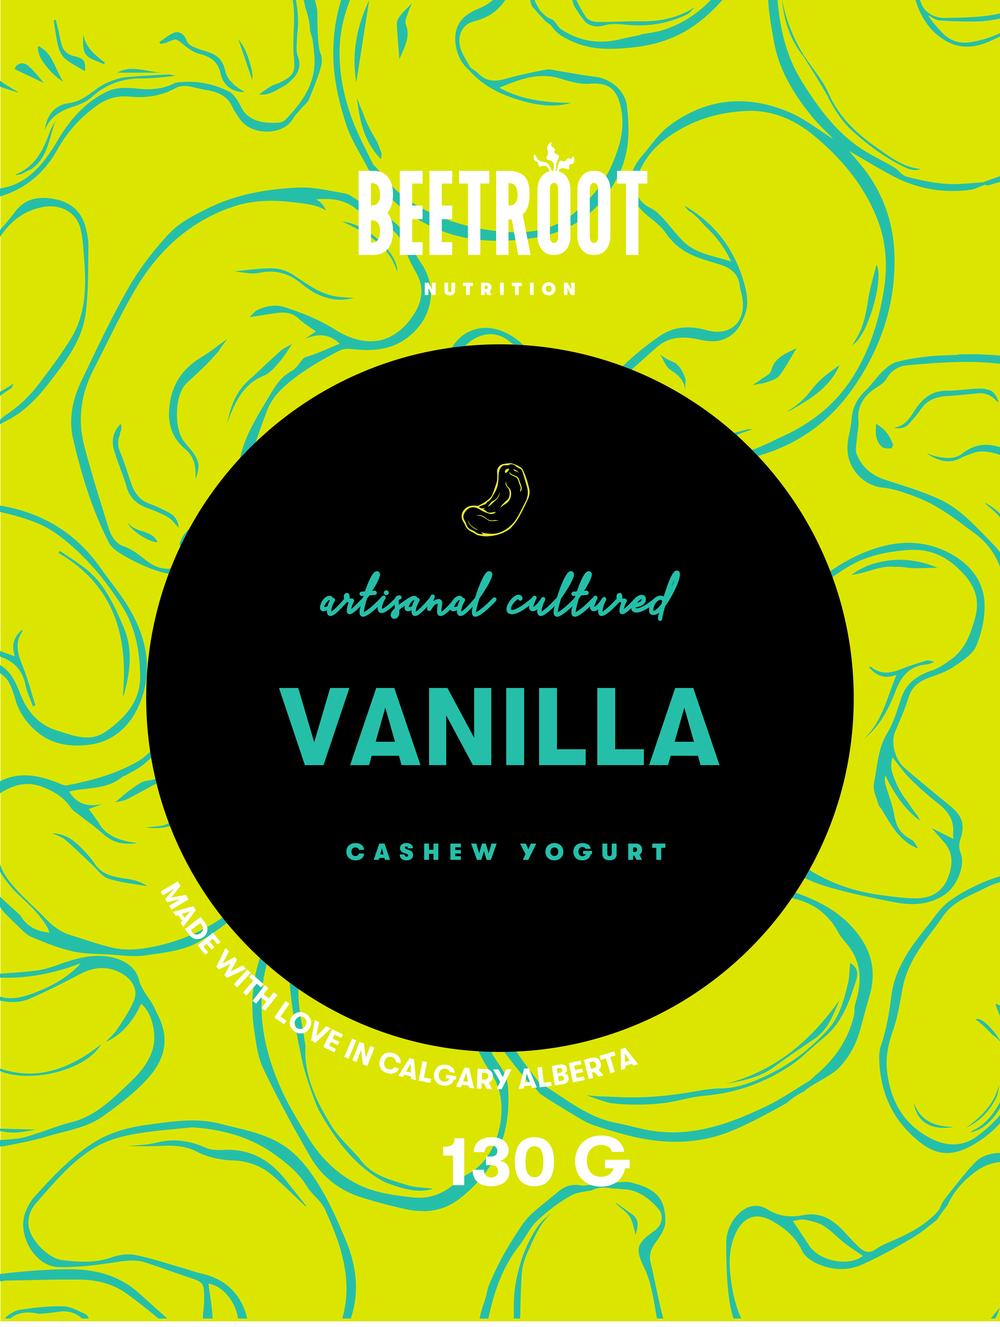 Beetroot_Packaging_12Apr2018-06.png